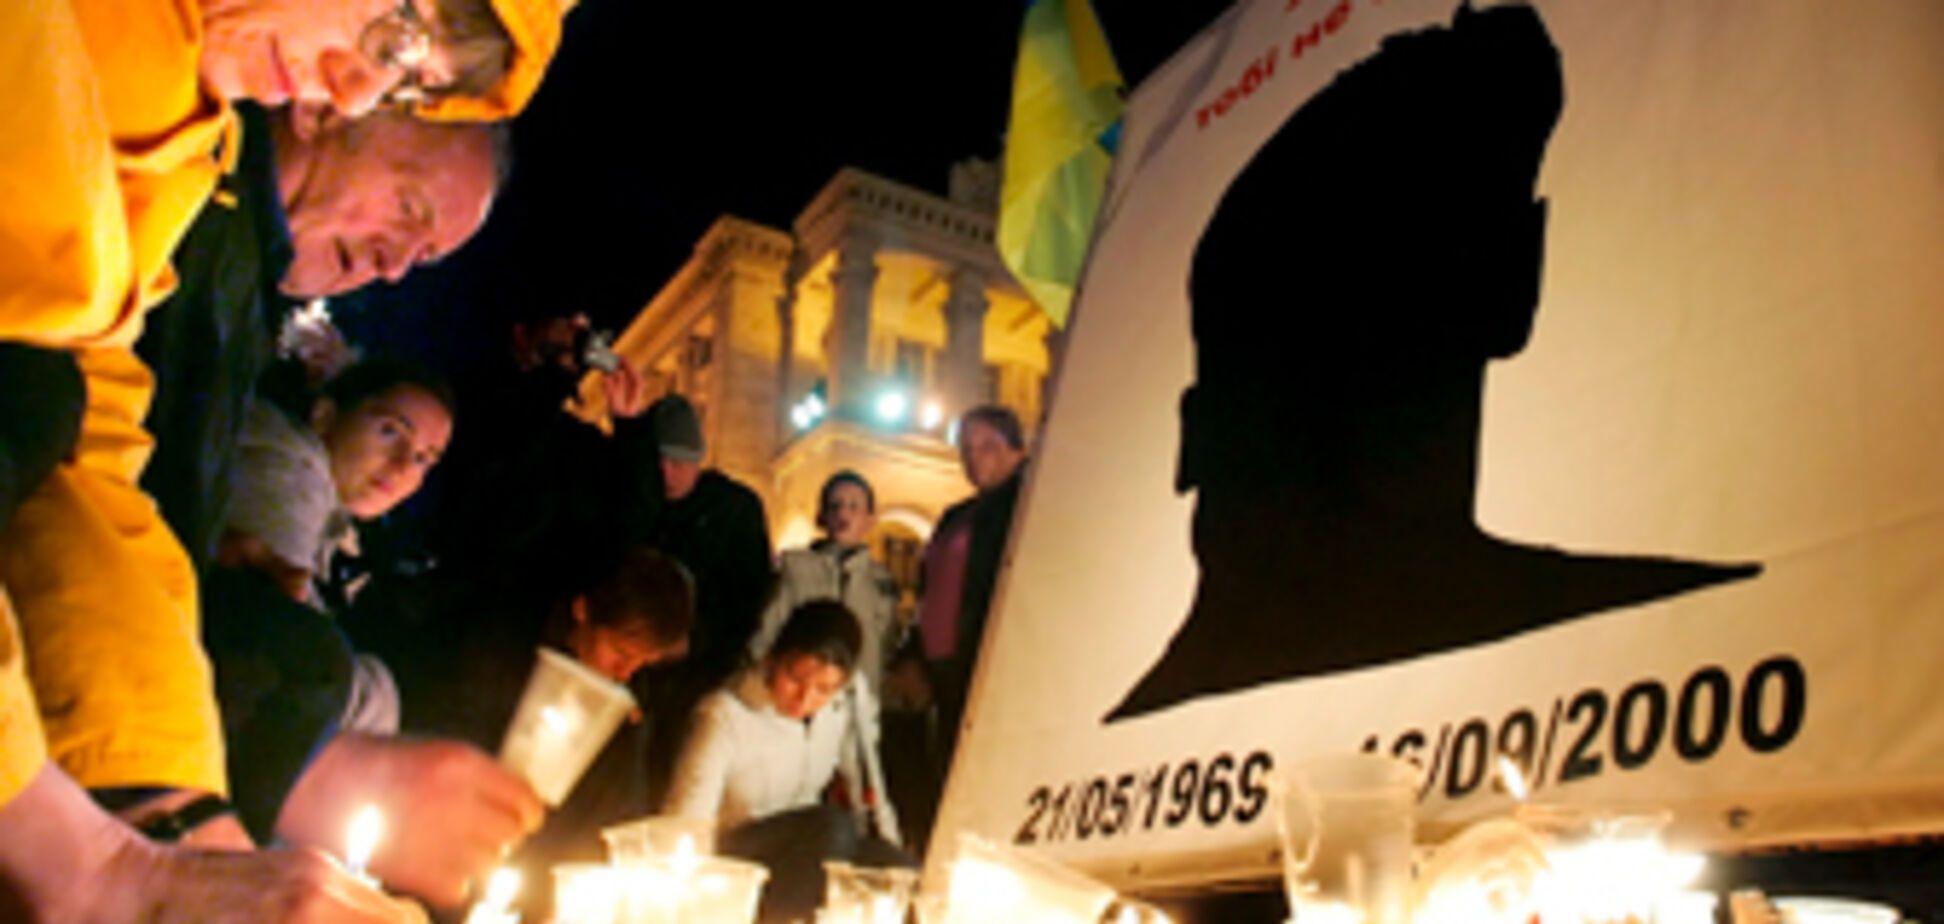 Европа требует заказчиков убийства Гонгадзе